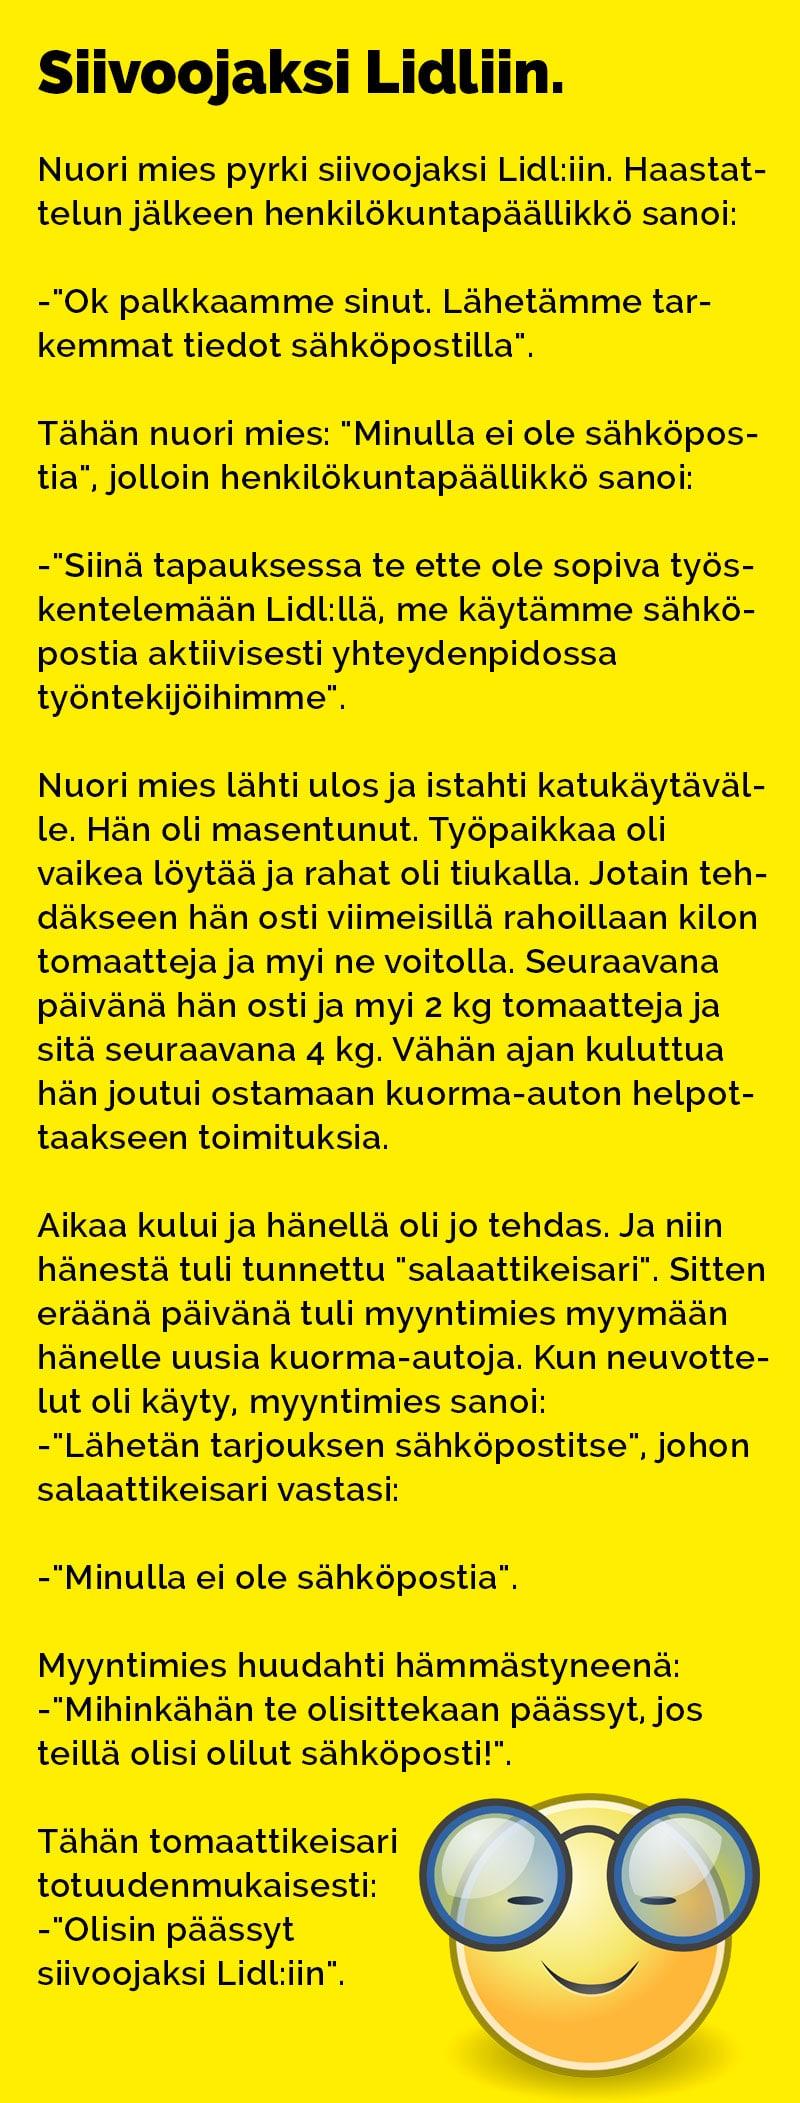 vitsit_siivoojaksi_lidliin_2